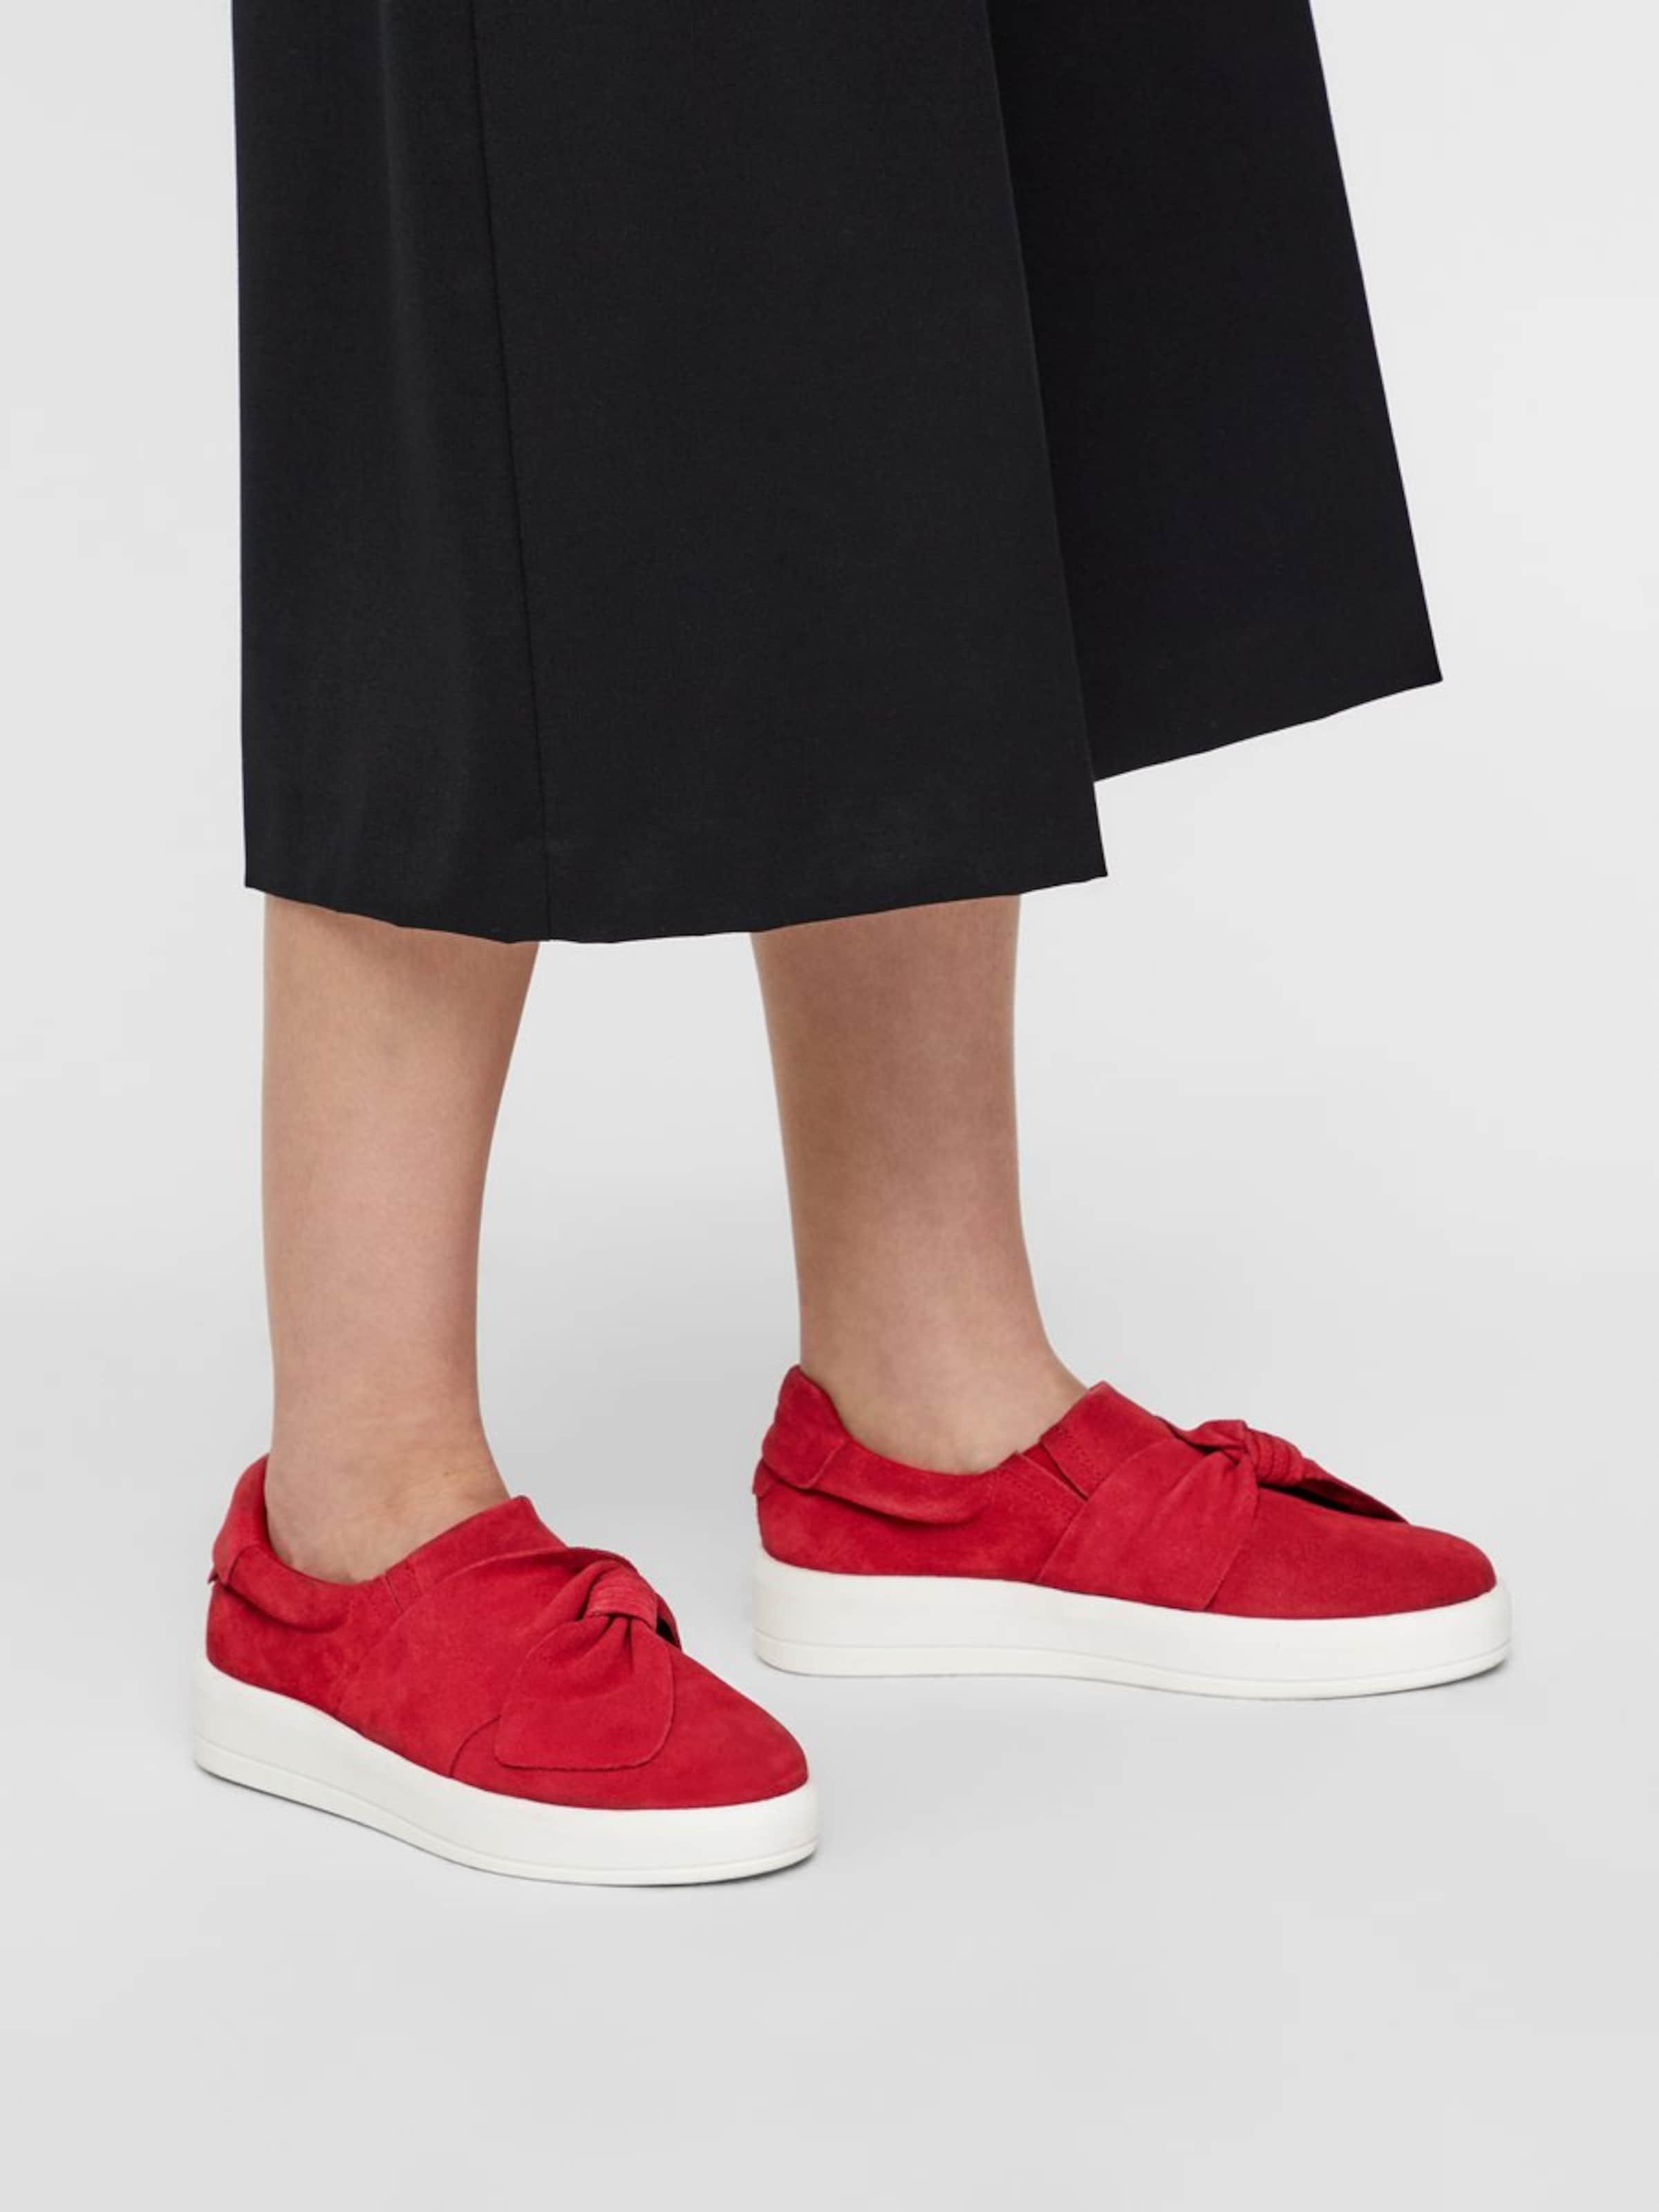 RotWeiß Schuhe Bianco Bianco In Schuhe In Bianco Schuhe 5LR4A3j